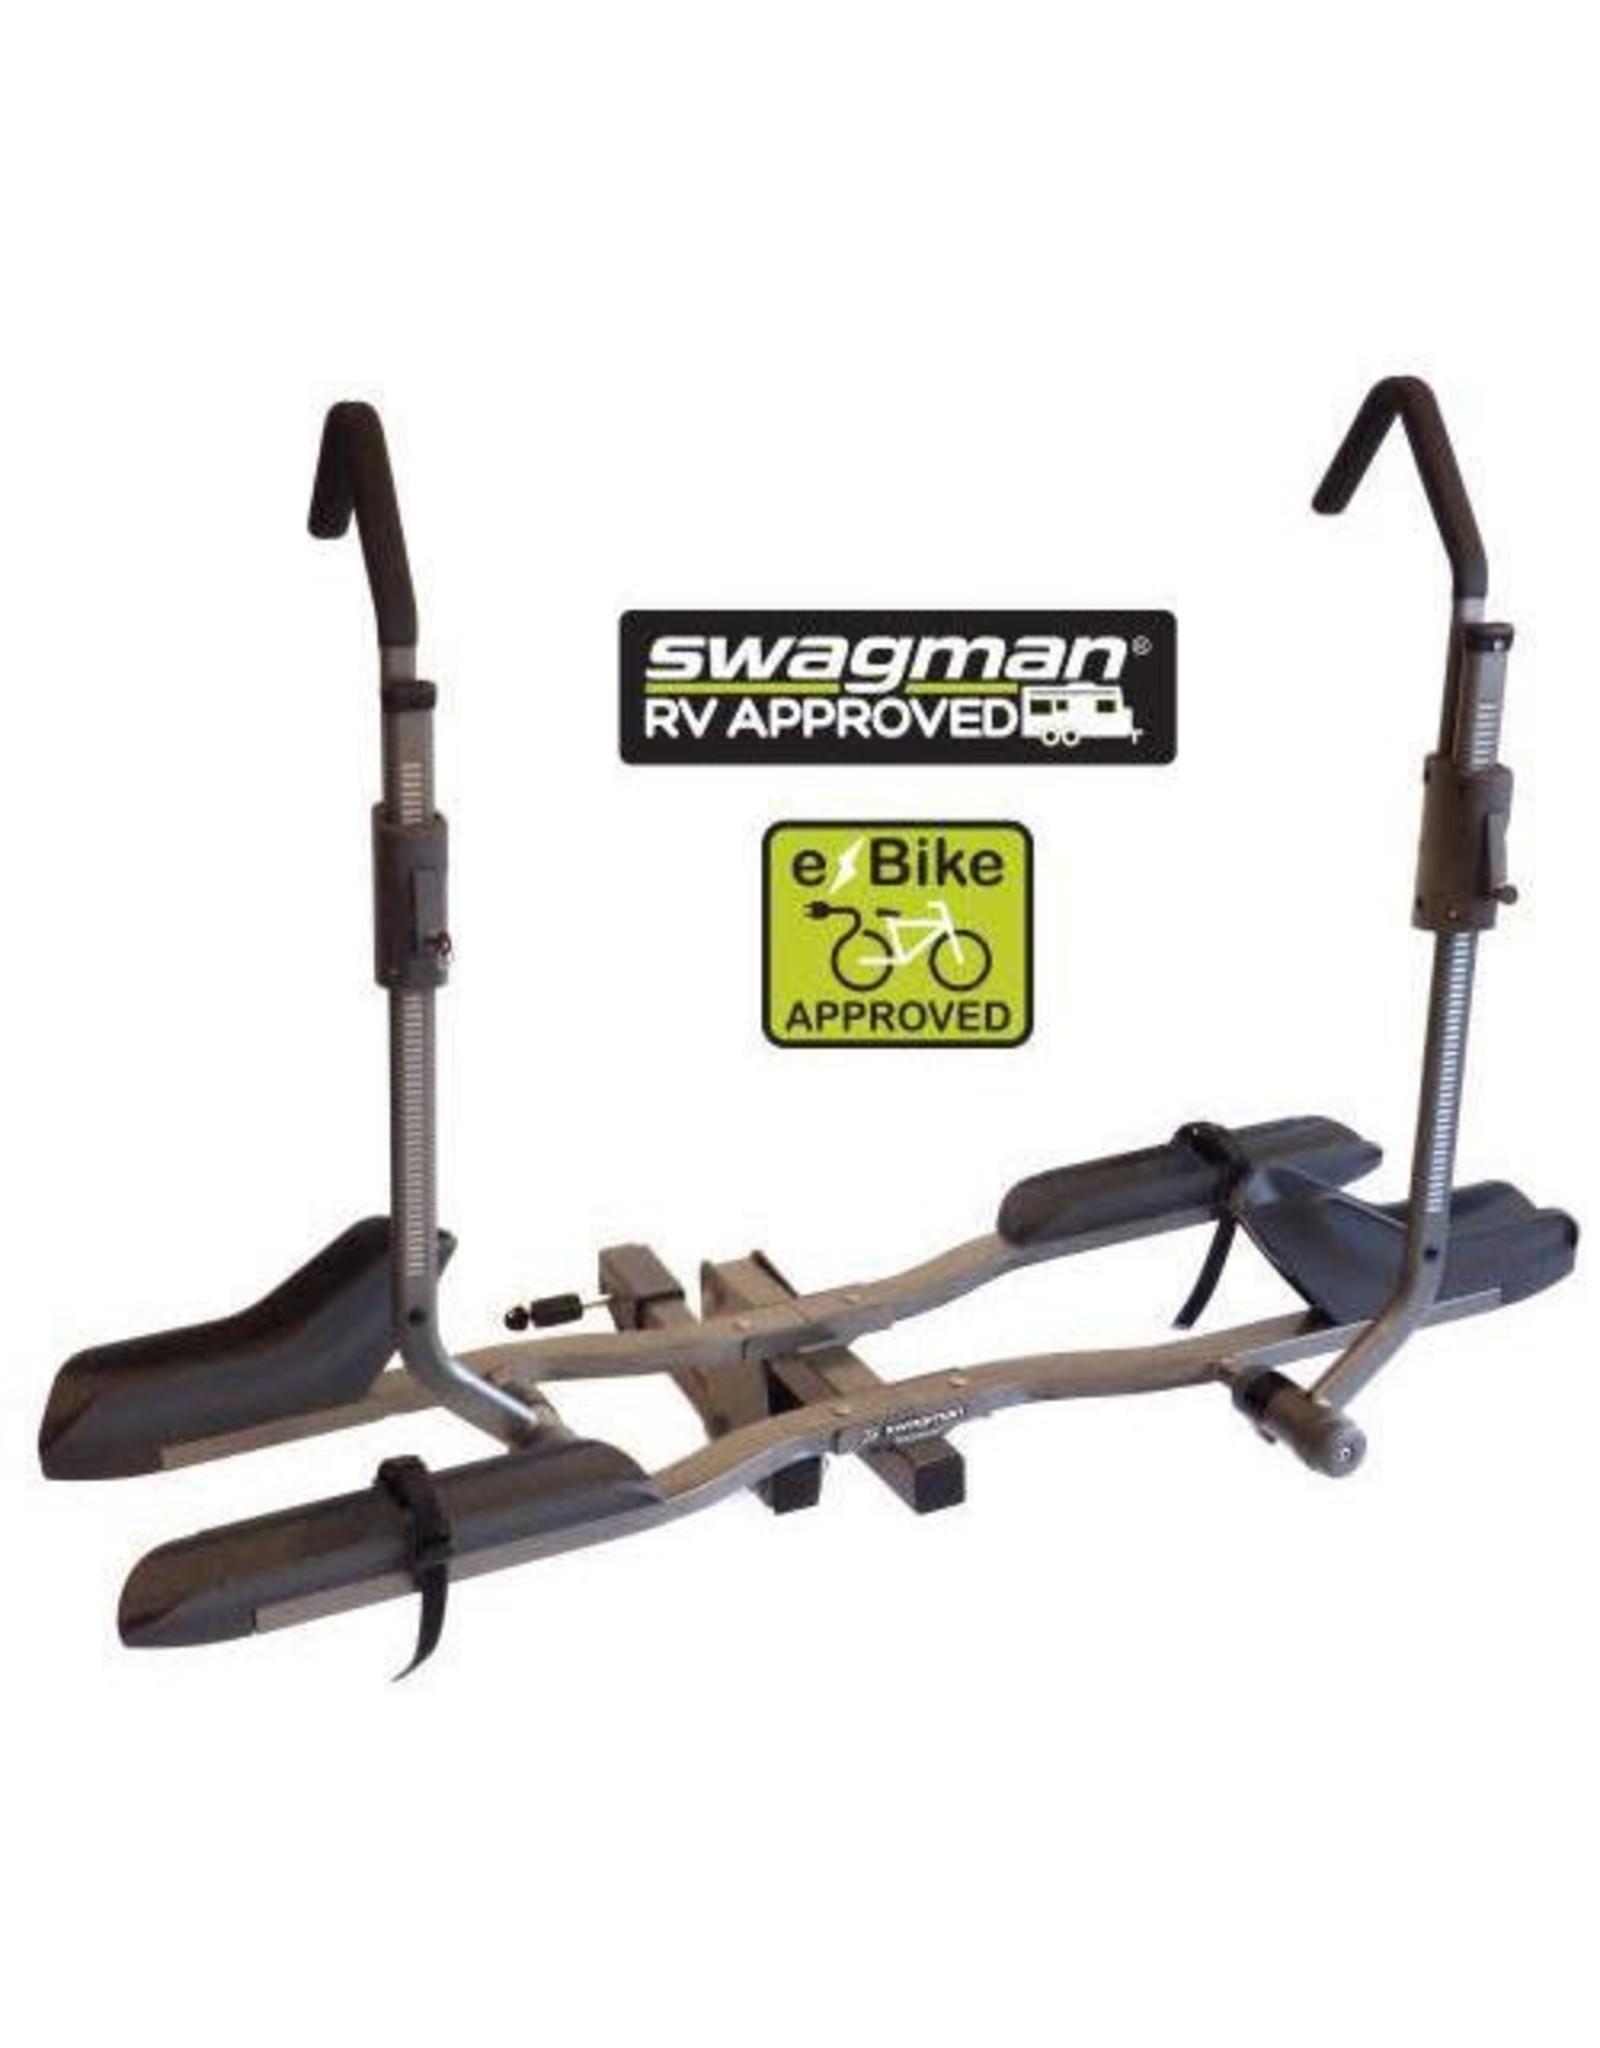 Swagman Swagman Escapee Bike Rack (E-Bike/RV)